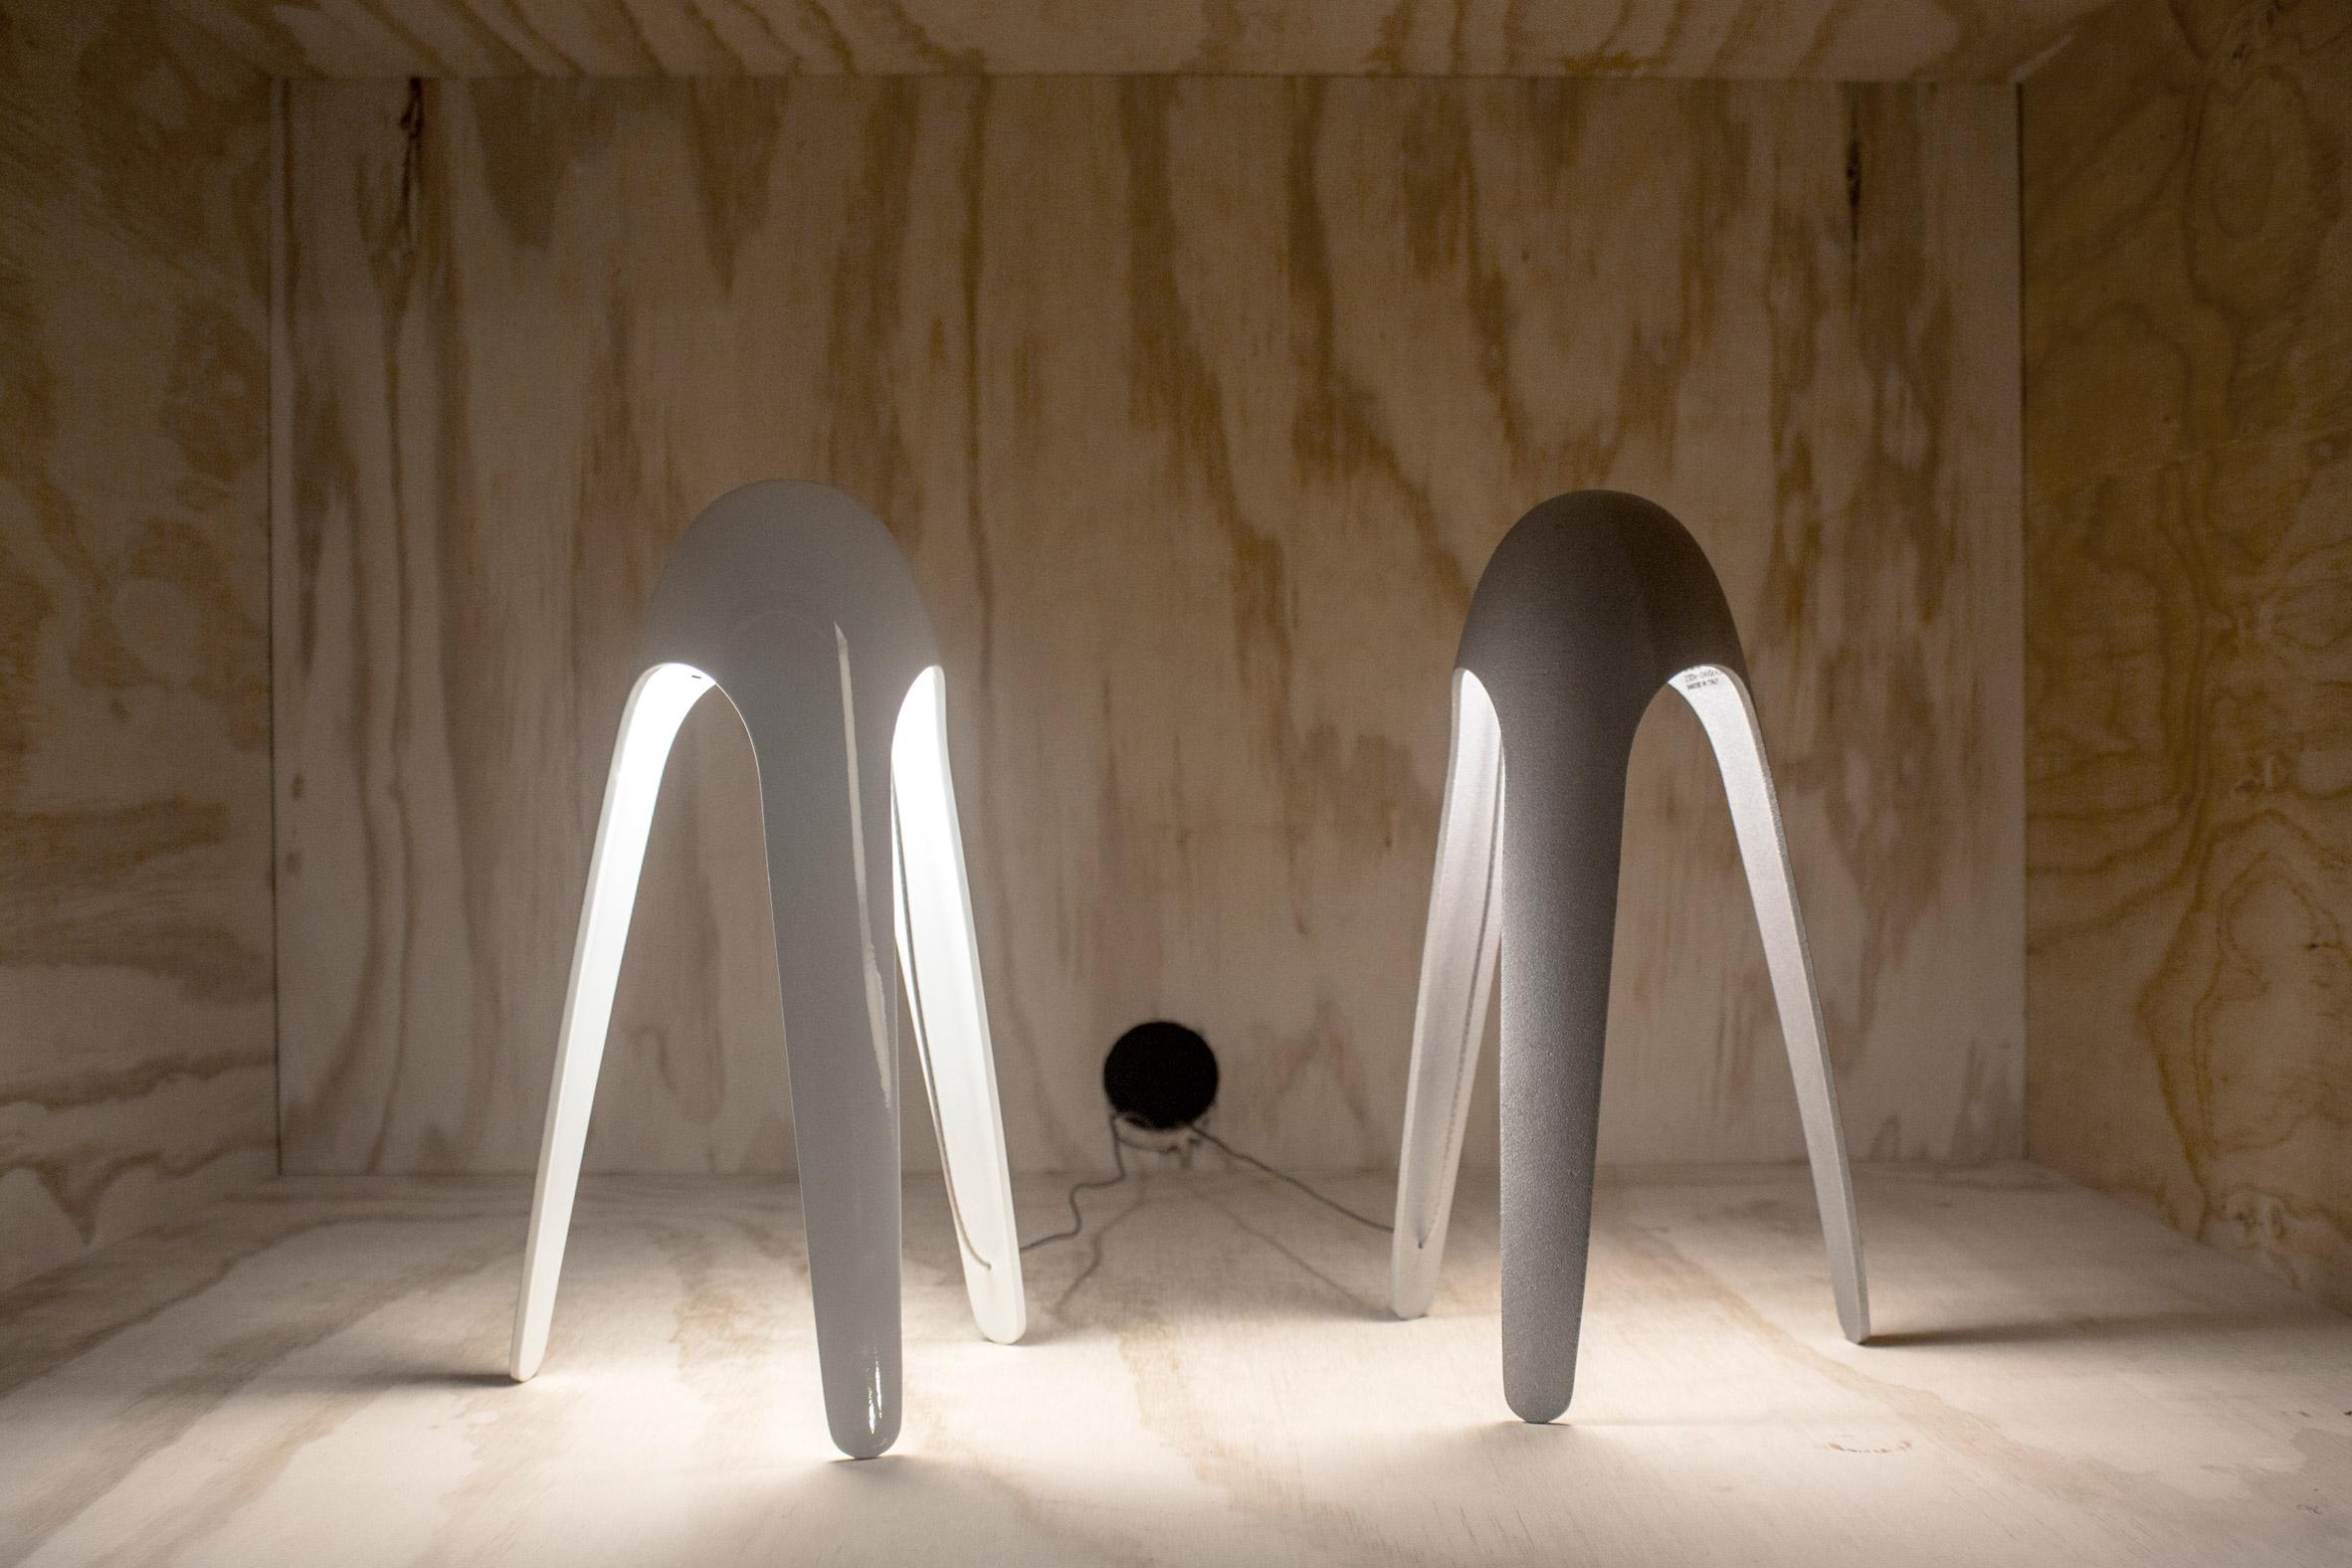 Two white Cyborg lamps by Karim Rashid